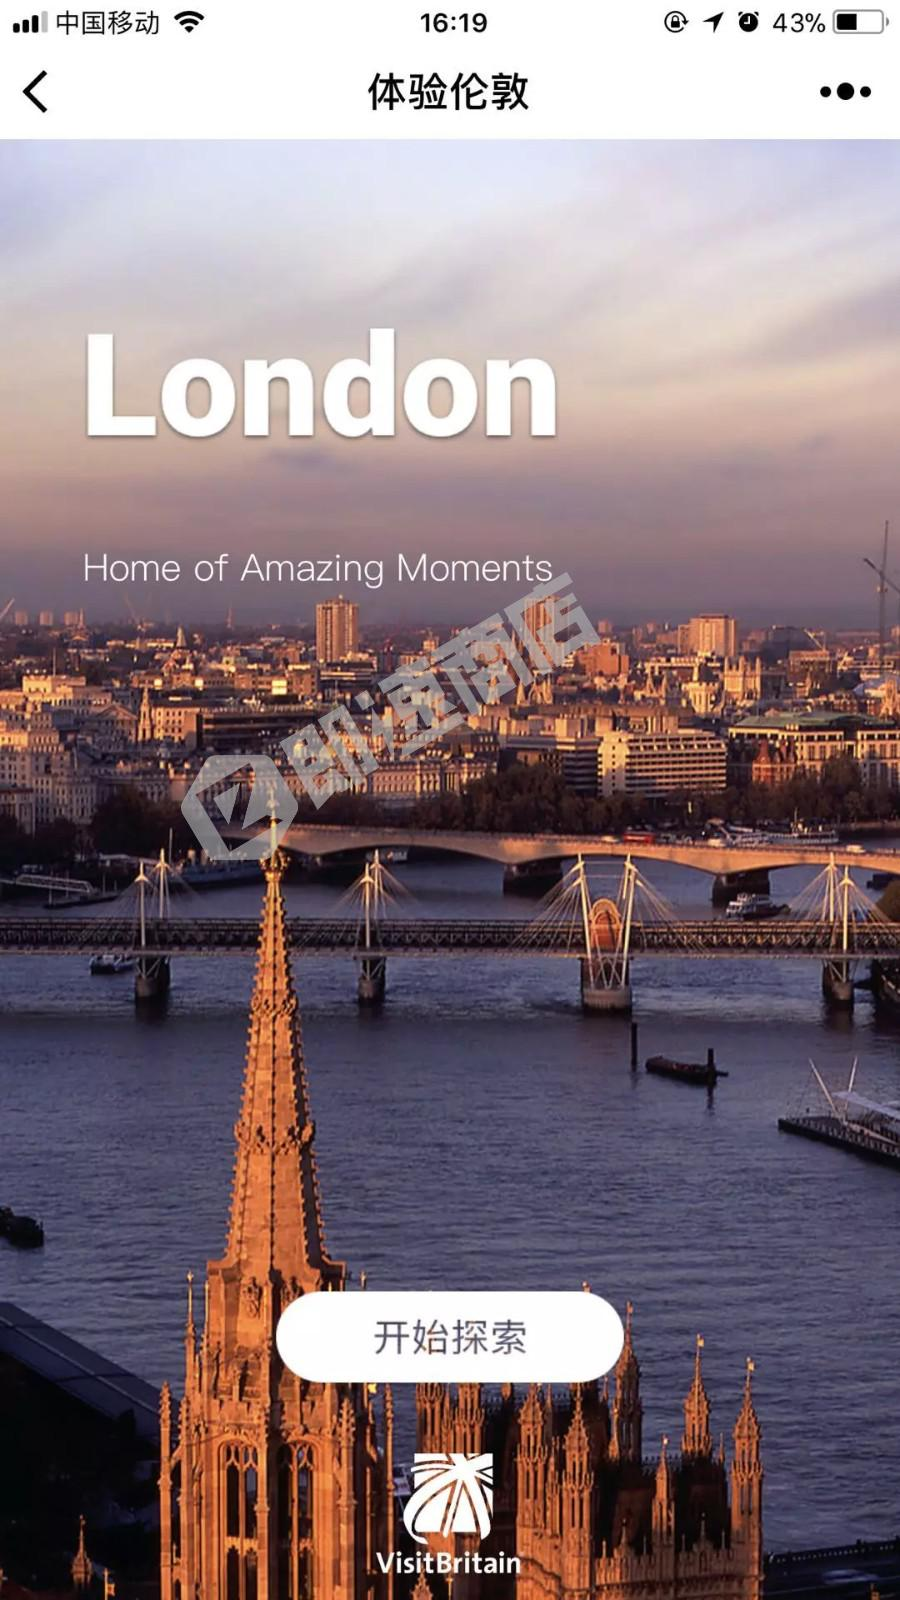 体验伦敦小程序首页截图